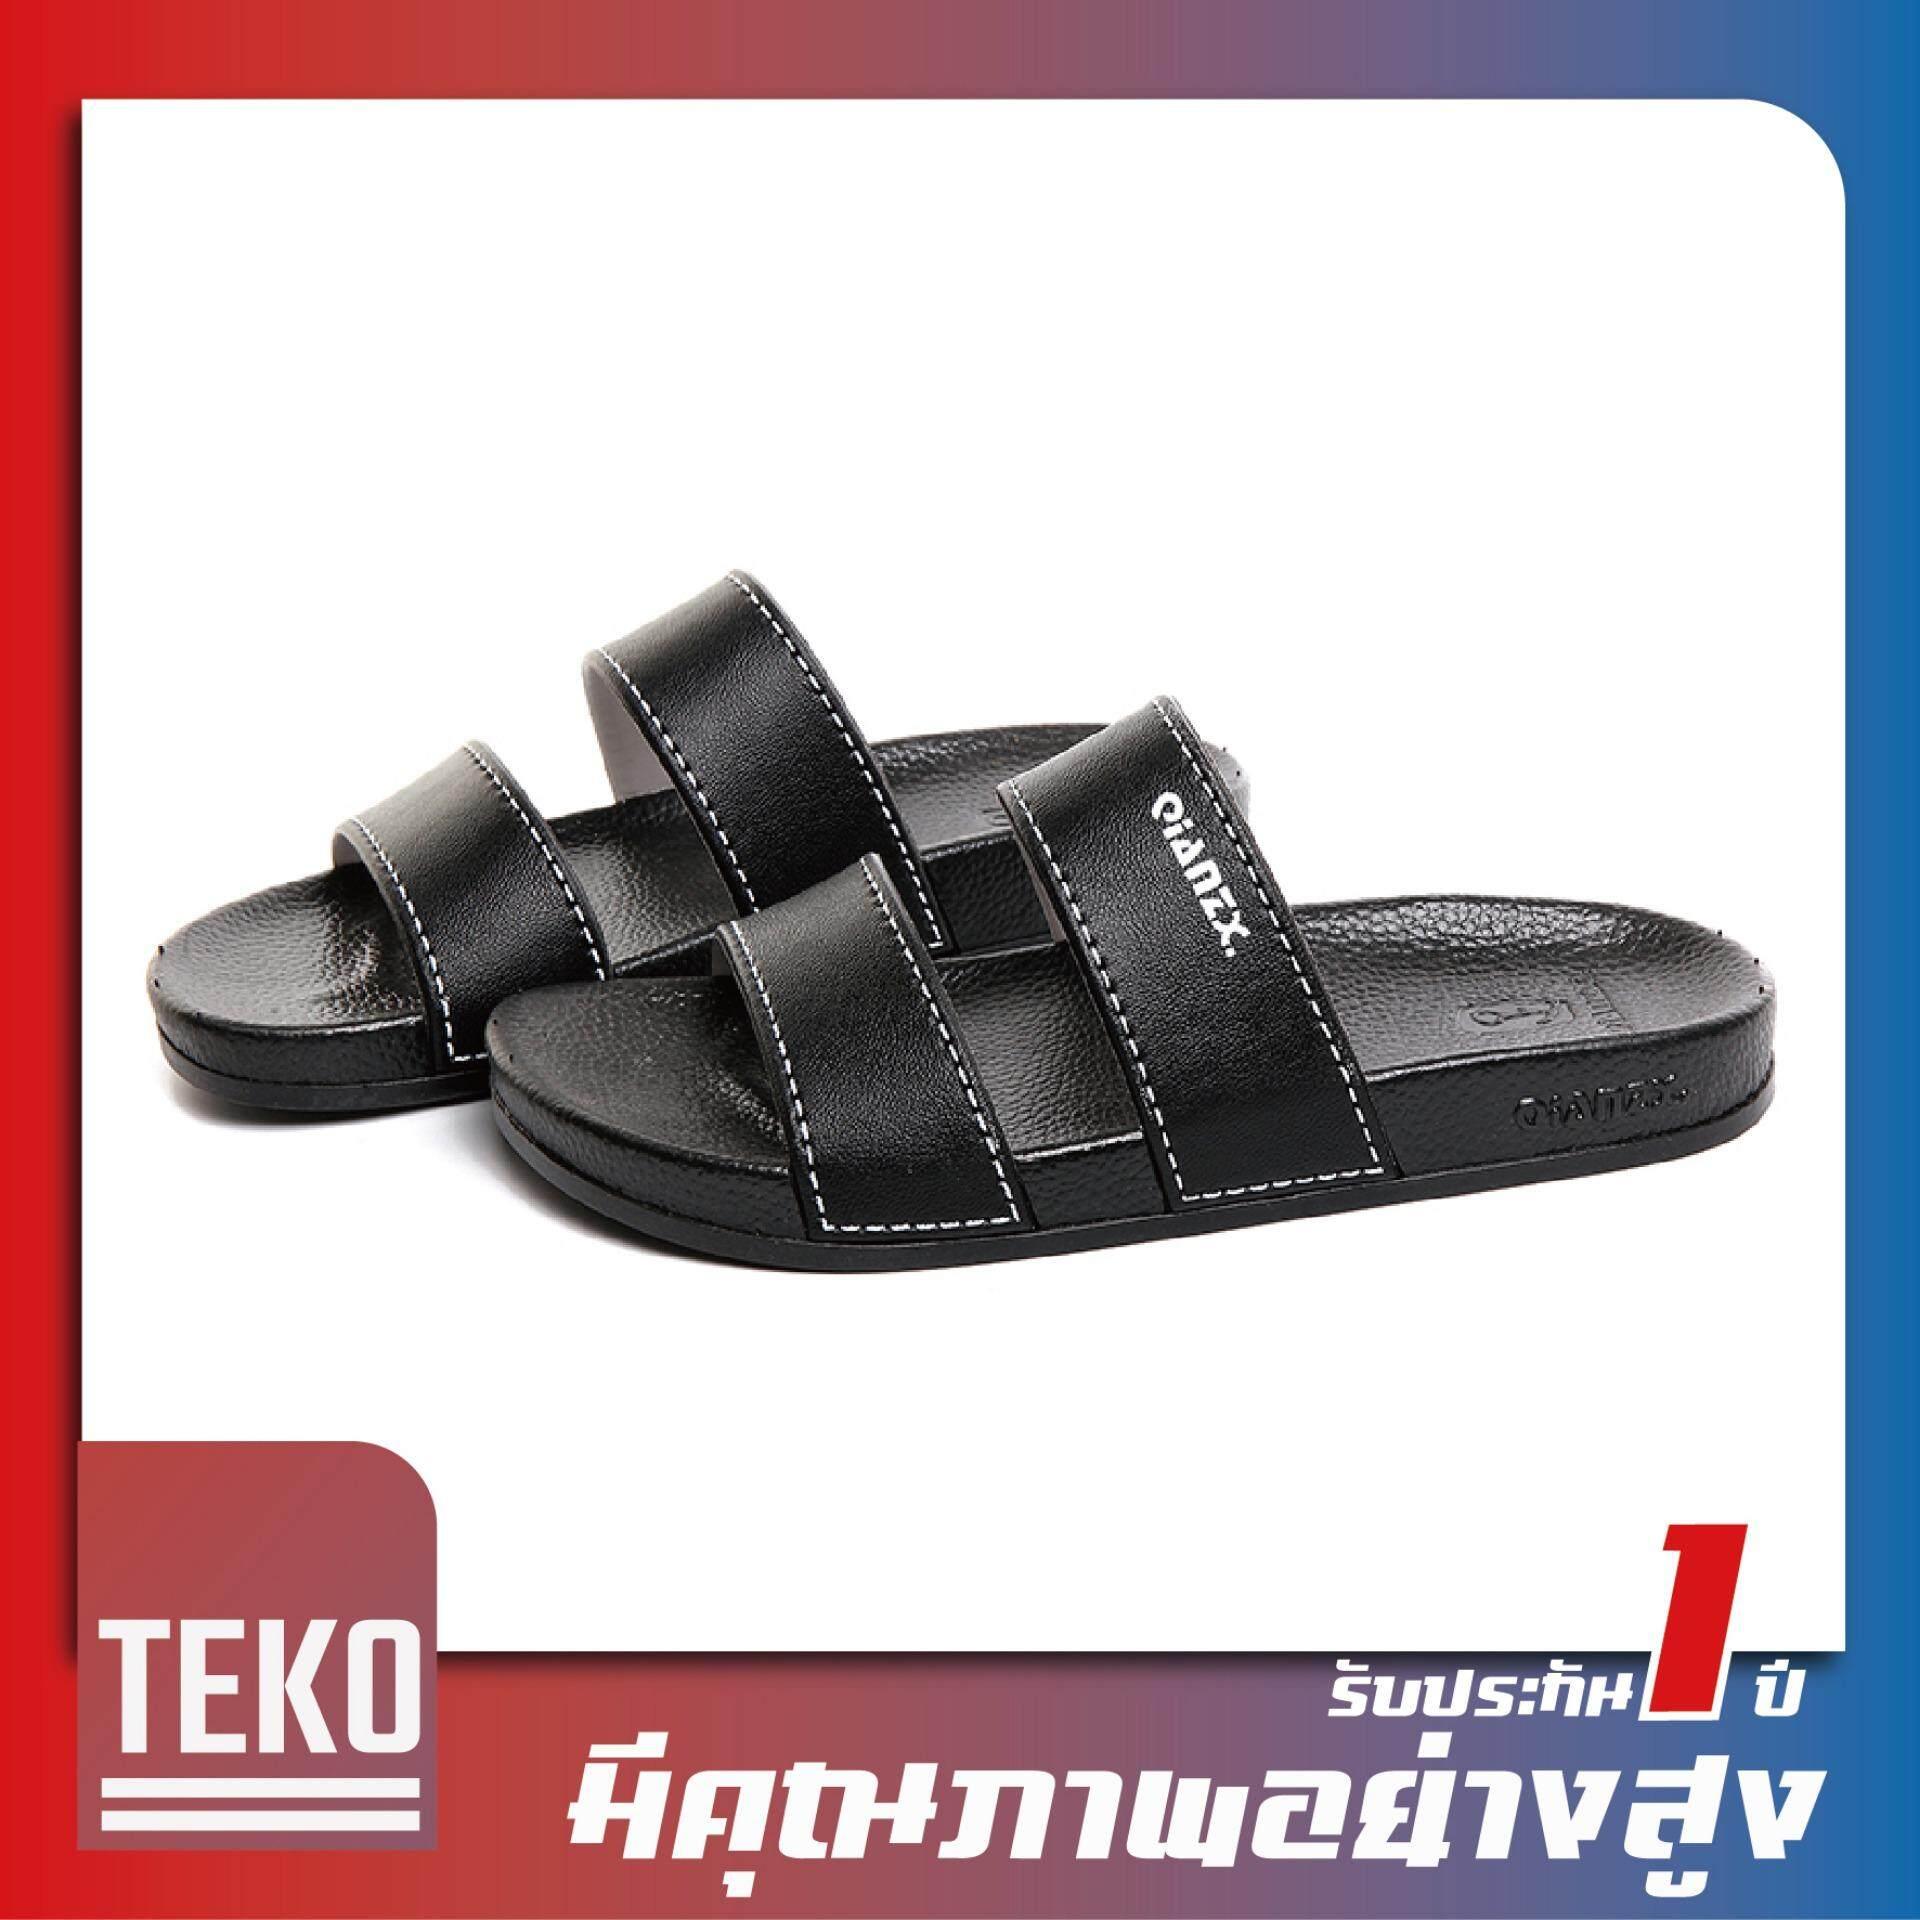 รองเท้าแตะคู่รัก รองเท้าแตะผู้หญิง รองเท้าแตะผู้ชาย รองเท้านุ่ม กันลื่น รองเท้าเพื่อสุขภาพ รองเท้าสไตล์แฟชั่น Lovers slippers 2019รุ่นใหม่